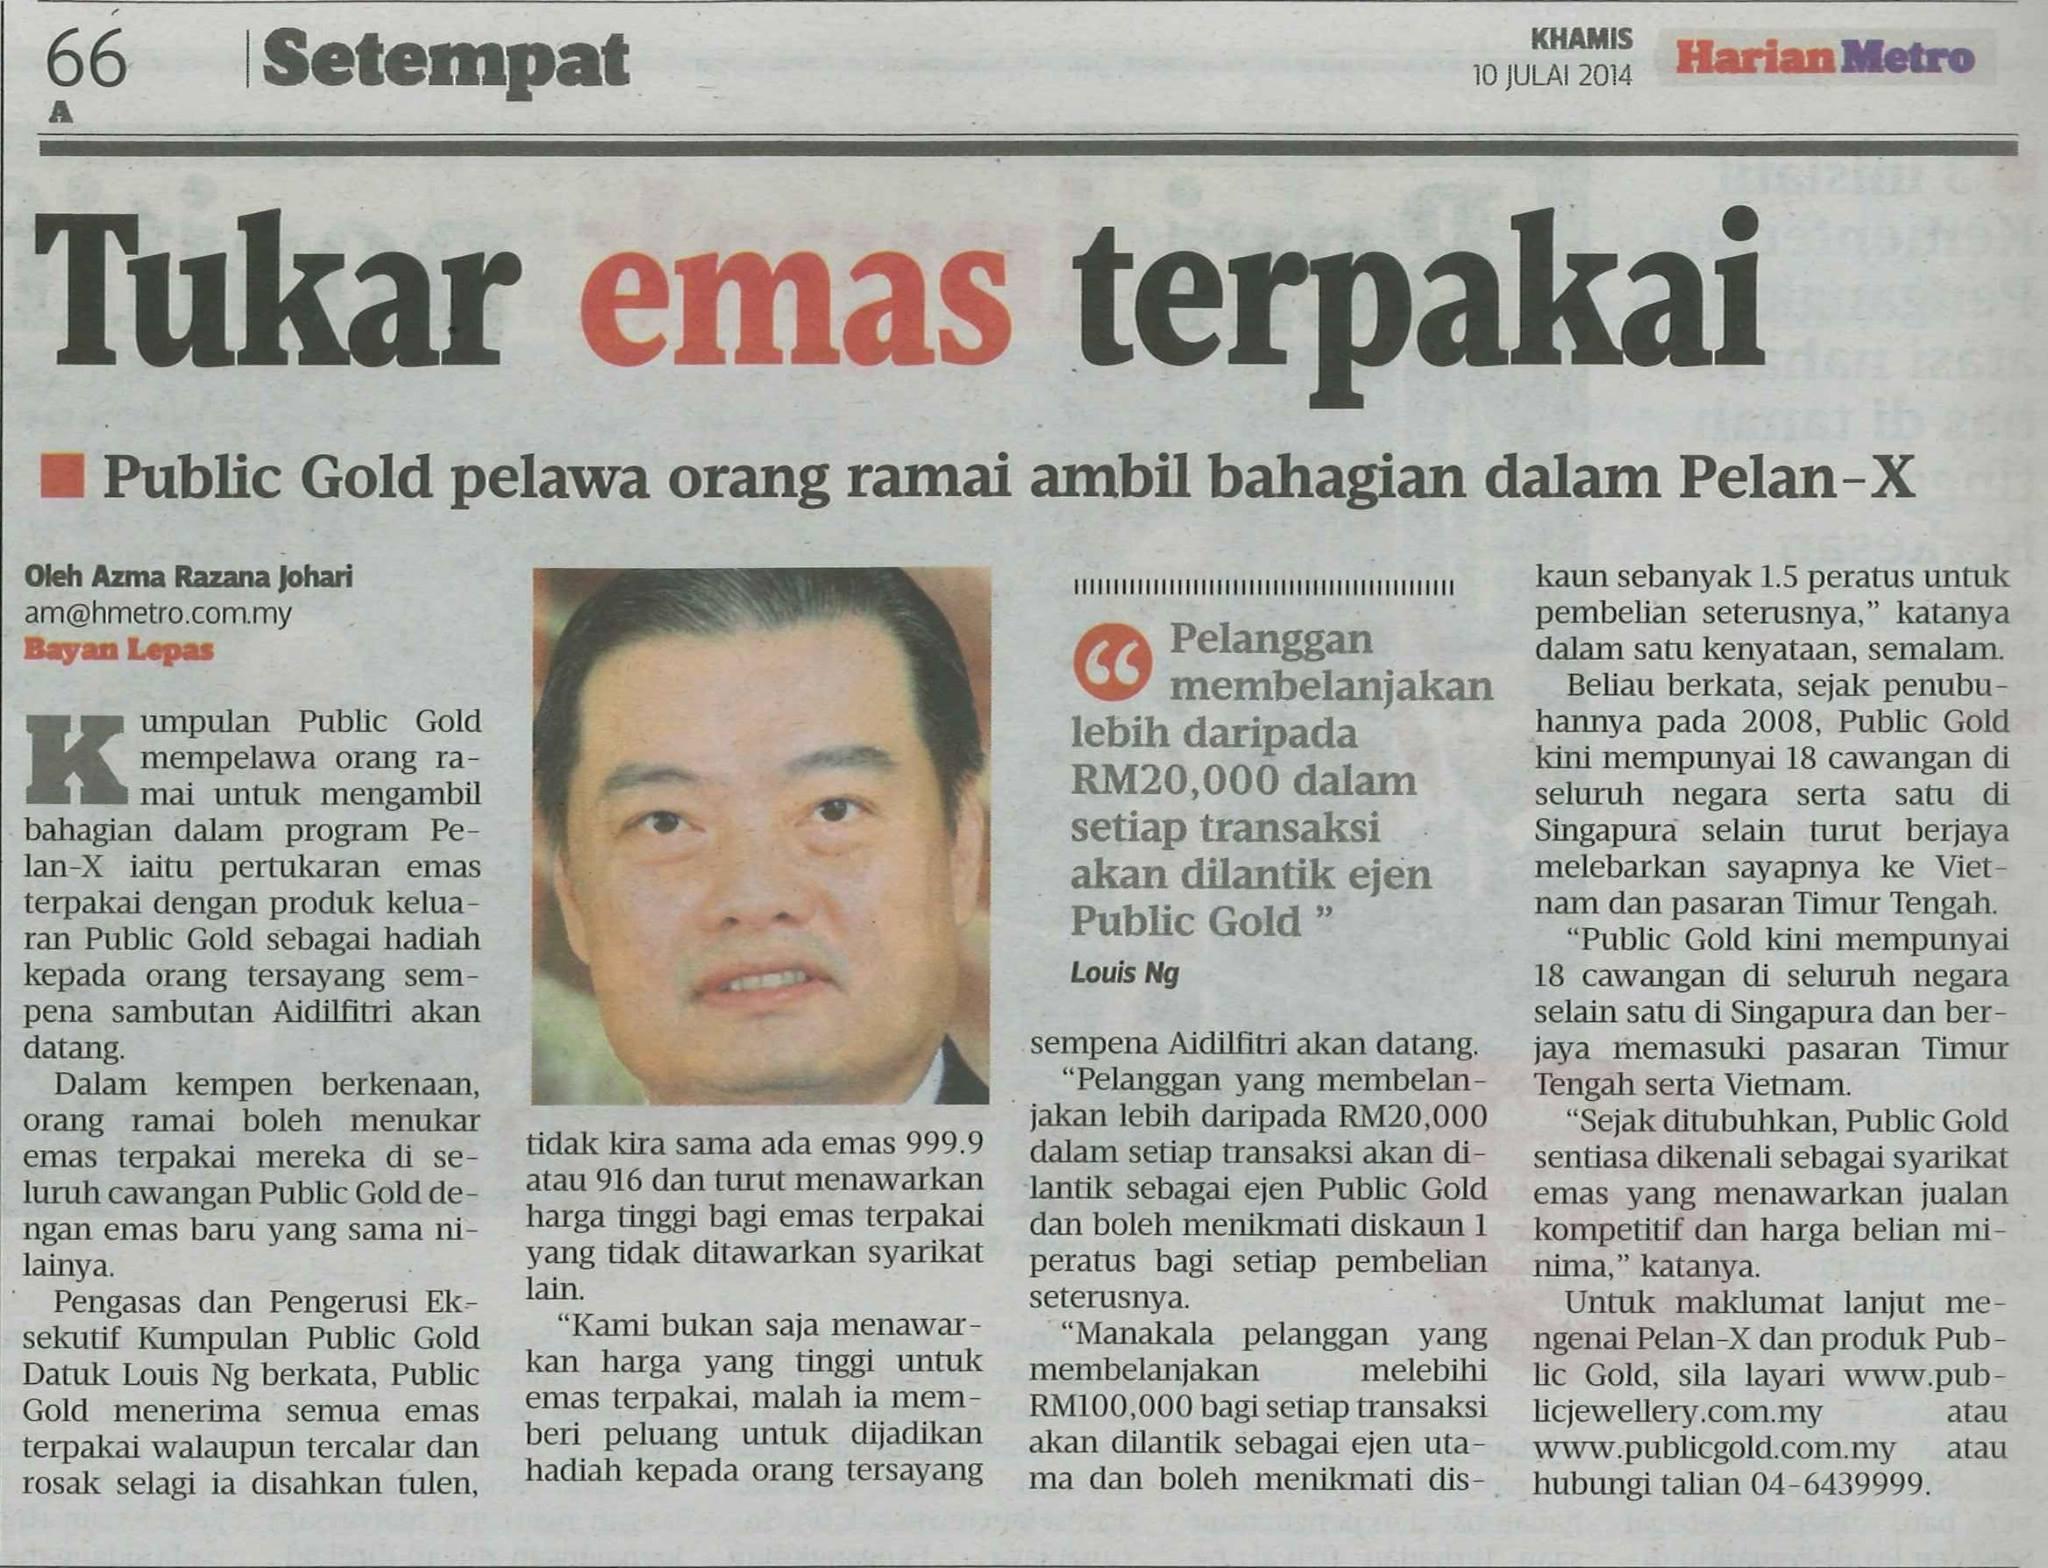 HMetro - Tukar emas terpakai kepada Public Gold